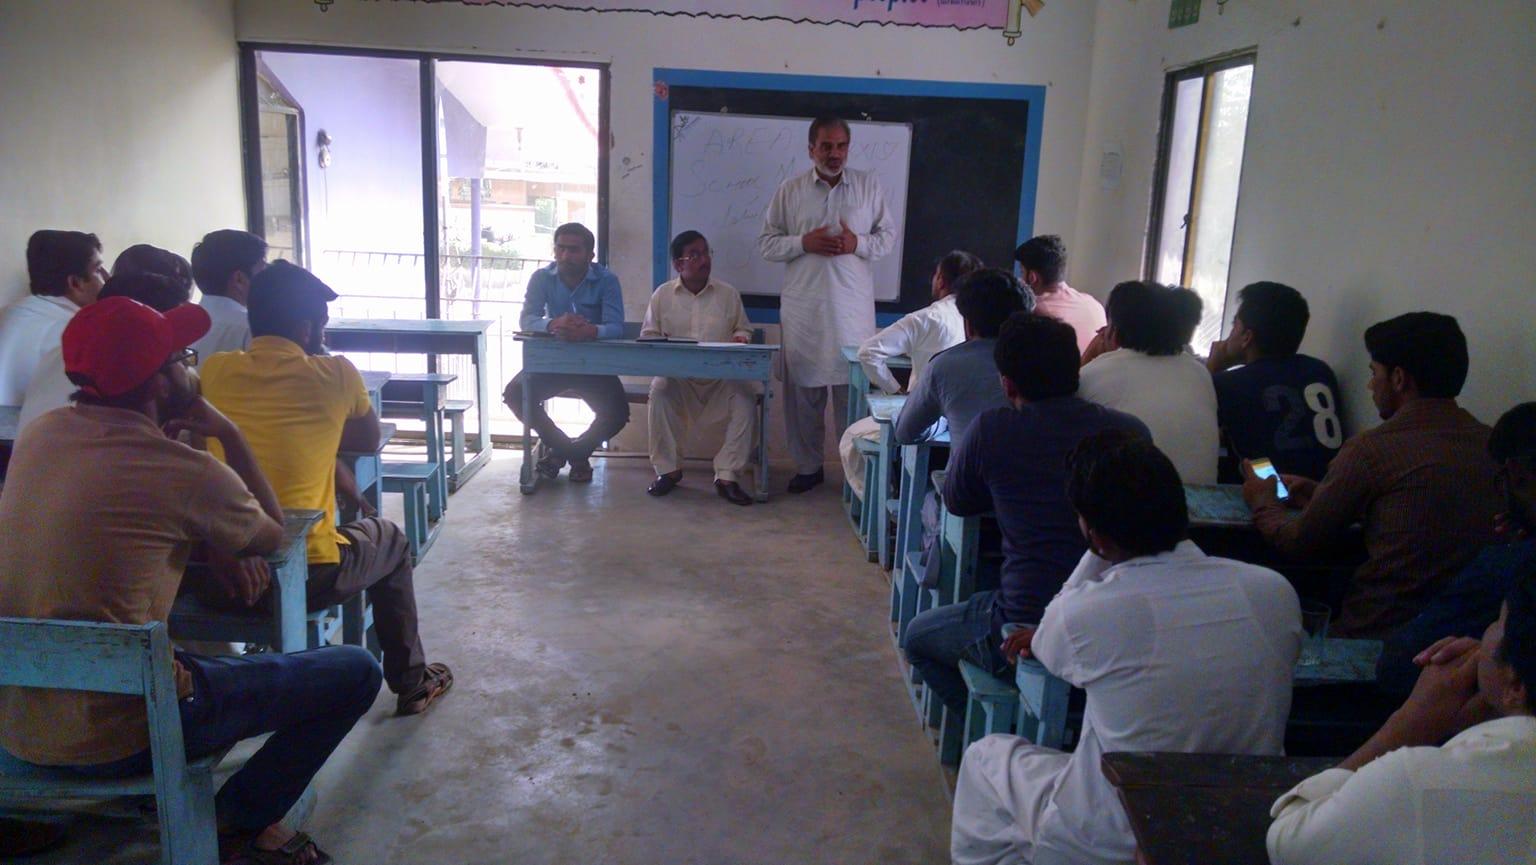 کراچی میں ایک روزہ مارکسی سکول کا انعقاد